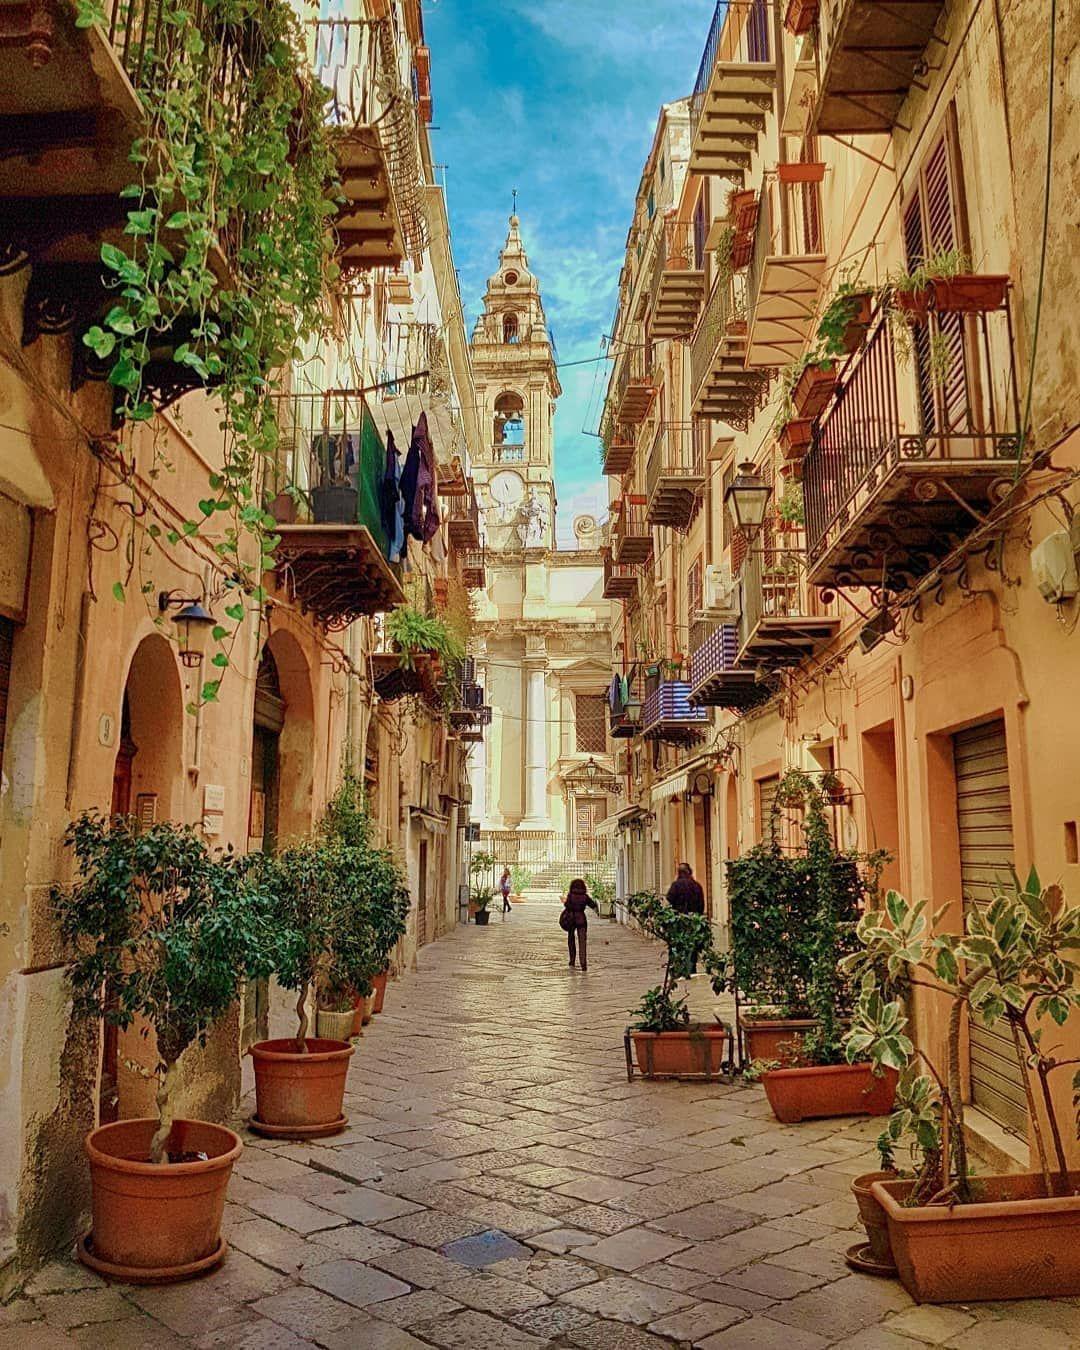 Palermo ❤☕🌻 Sicily Congrats @blogsognoitaliano Use #map_of_europe  #map_of_Italy   Palermo sicily, Places to travel, Palermo